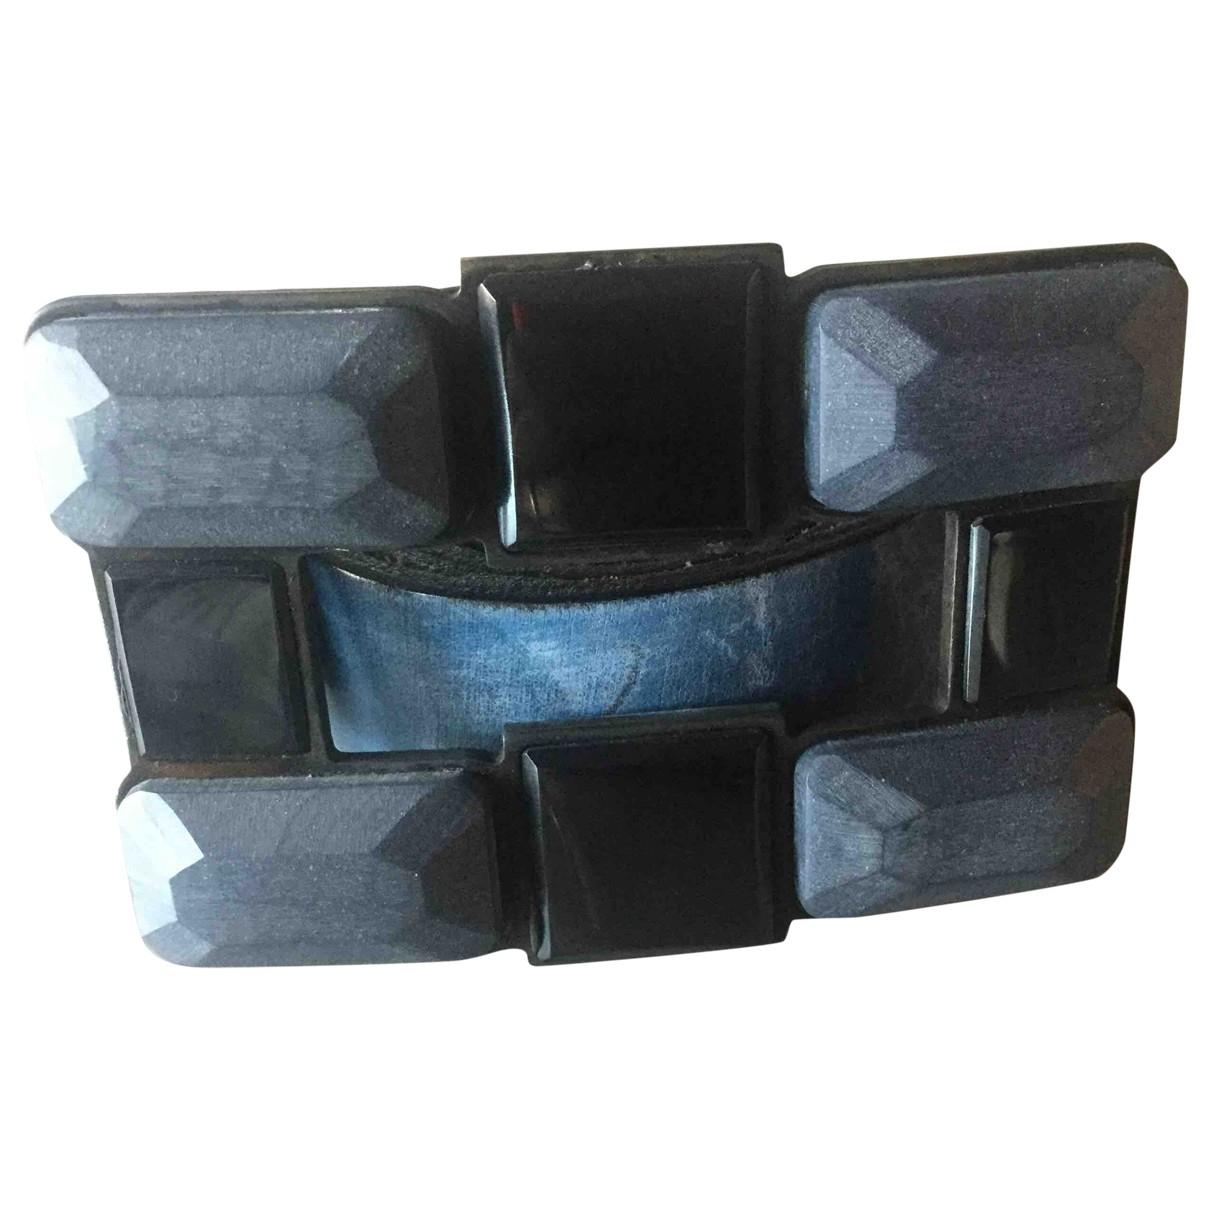 Maliparmi N Blue Leather belt for Women 85 cm